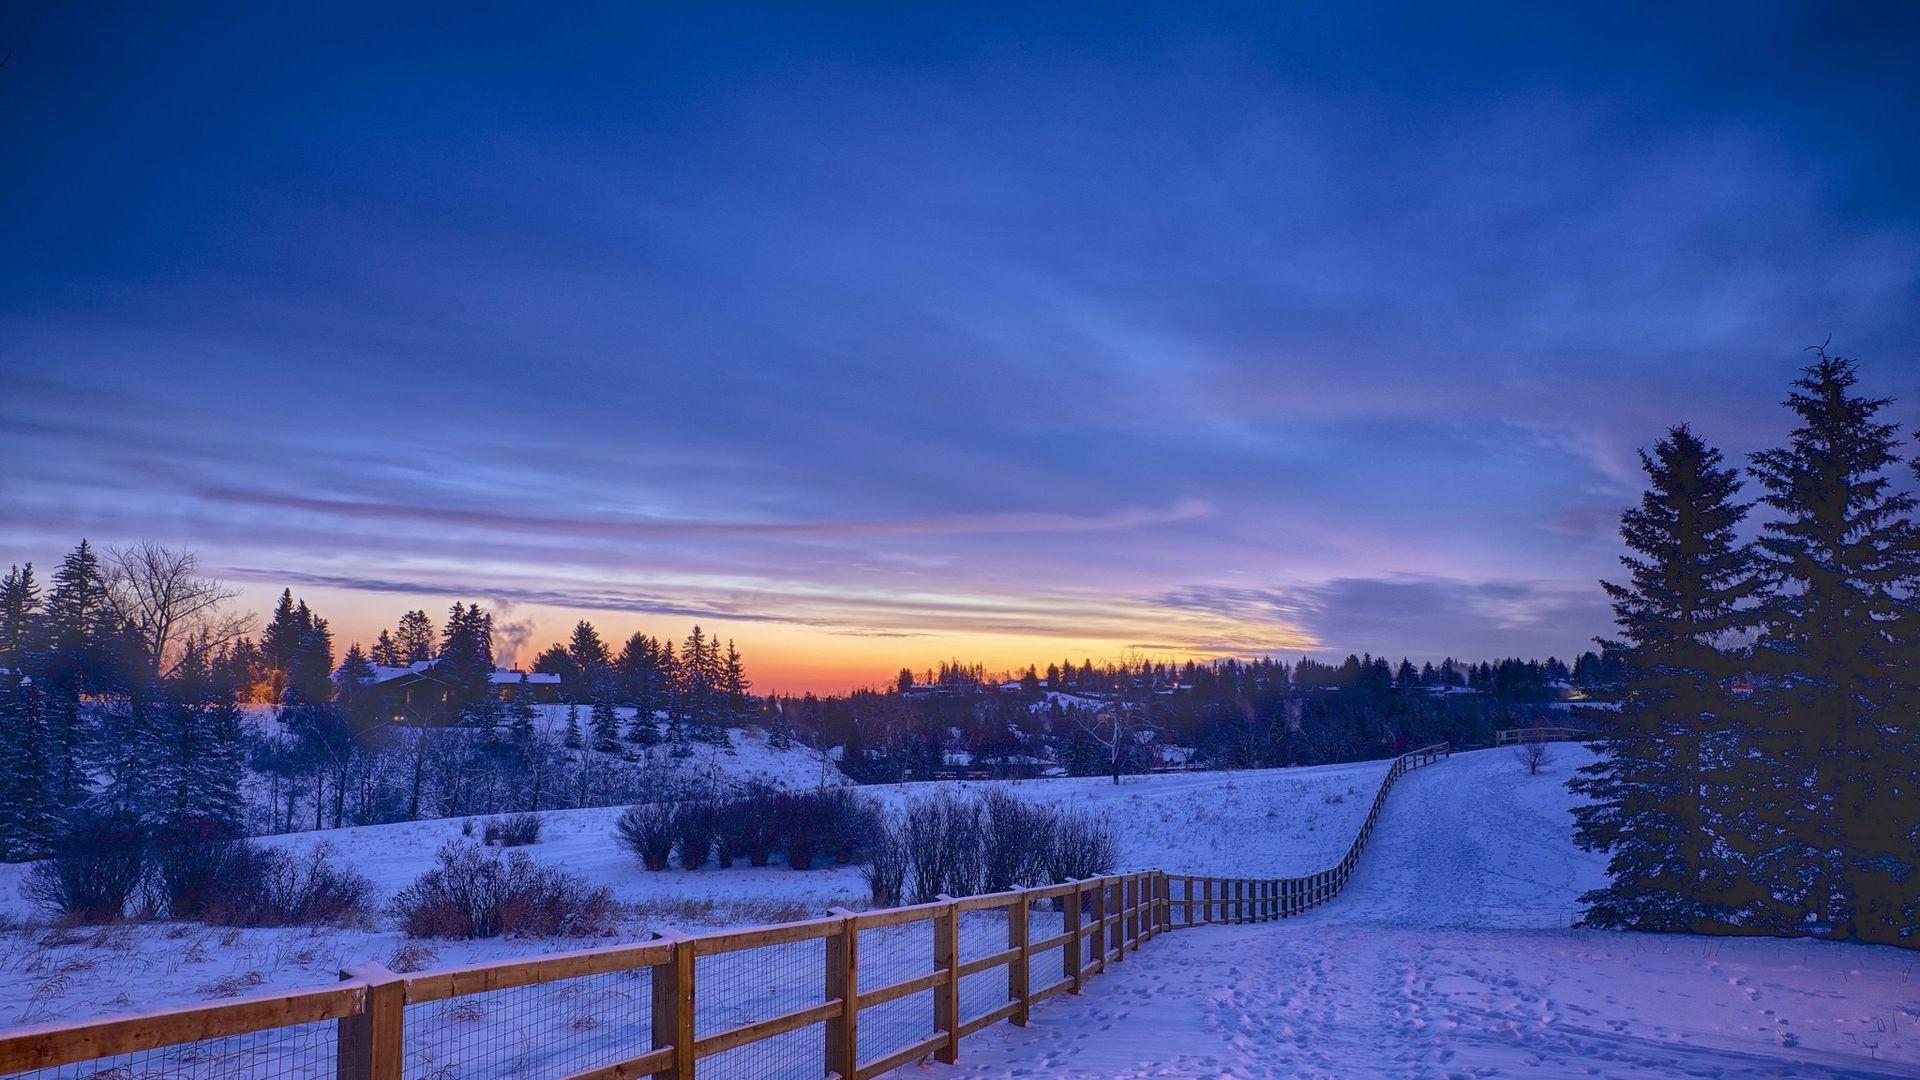 Res: 1920x1080, Snowy Landscape Wallpaper